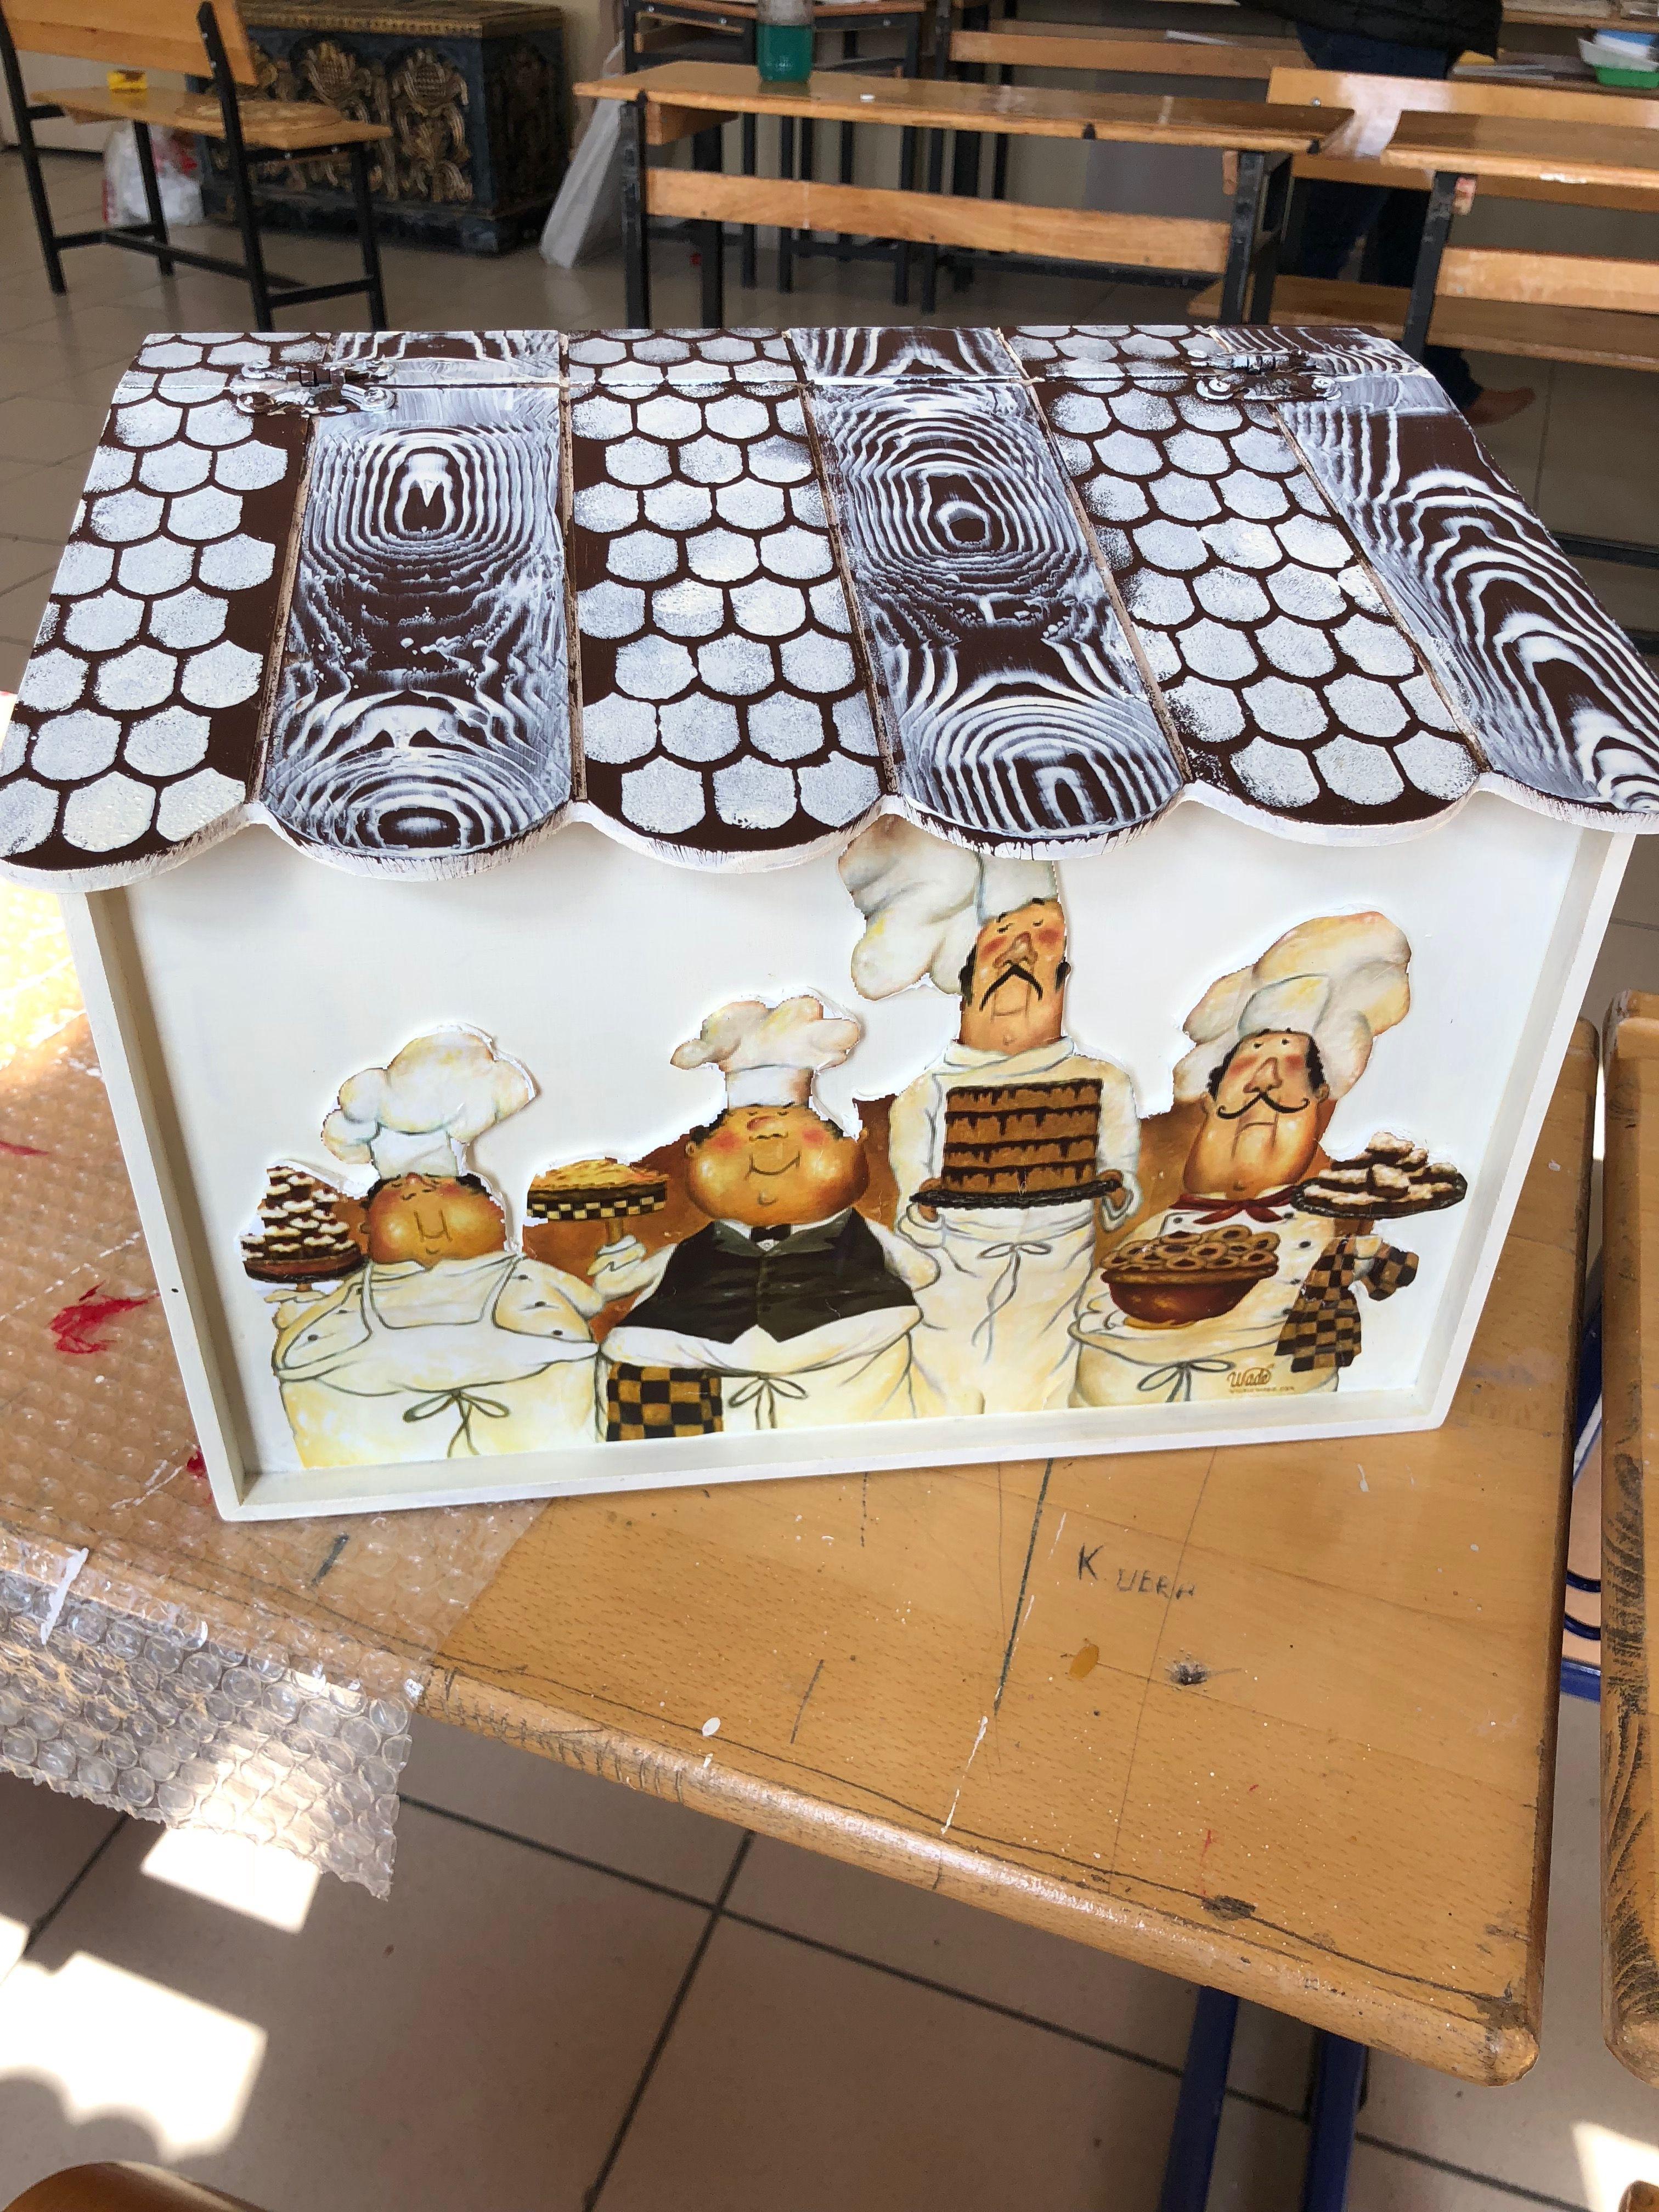 Ekmeklik Ekmek Sepeti Ekmek Kutusu Ahsap Boyama Sepetler Ekmekler